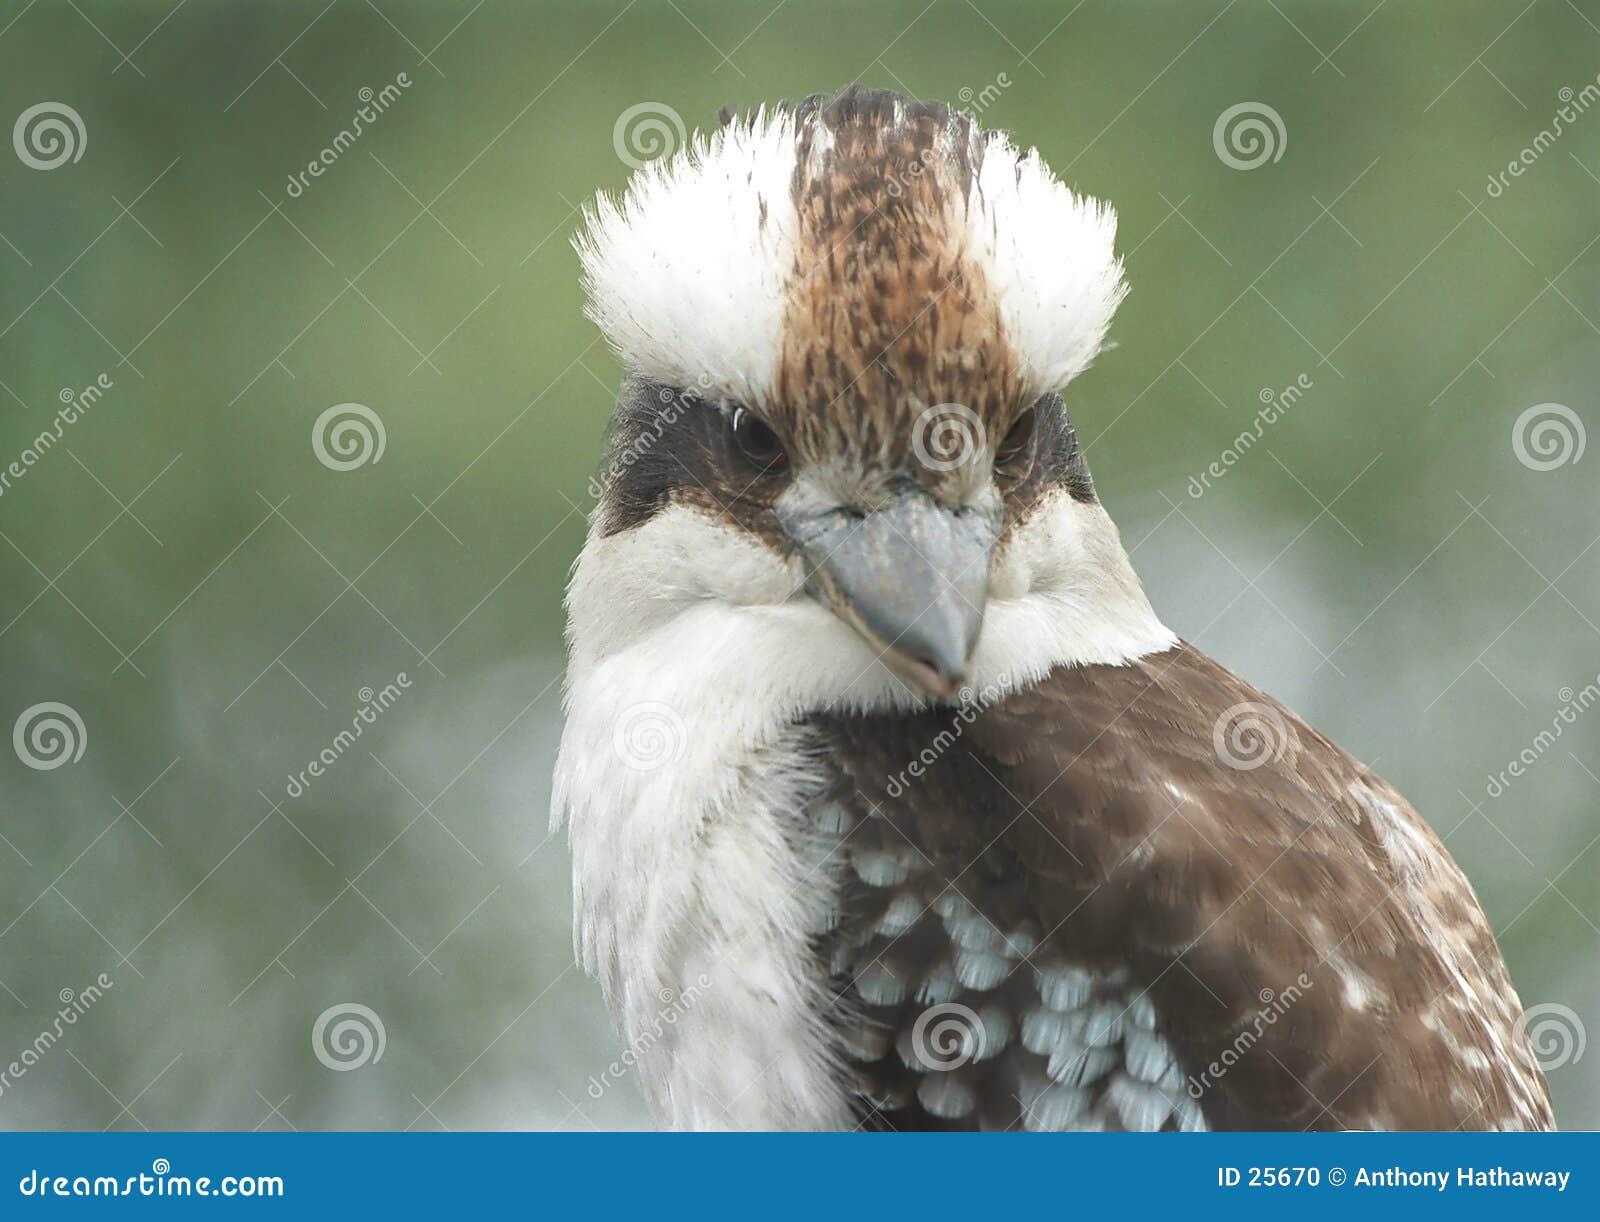 Kookaburra笑